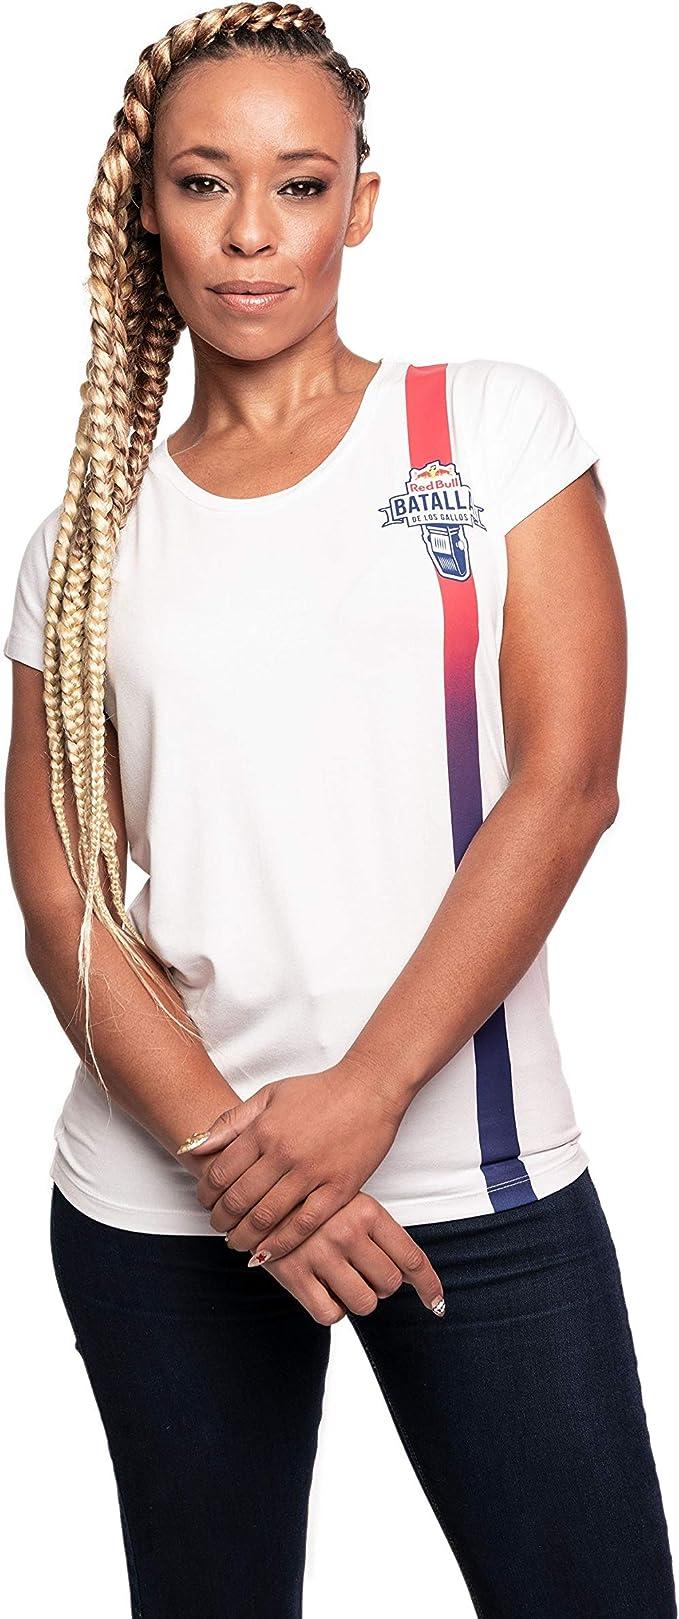 Red Bull Batalla Fading Camiseta, Blanco Mujer Top, Batalla de los ...